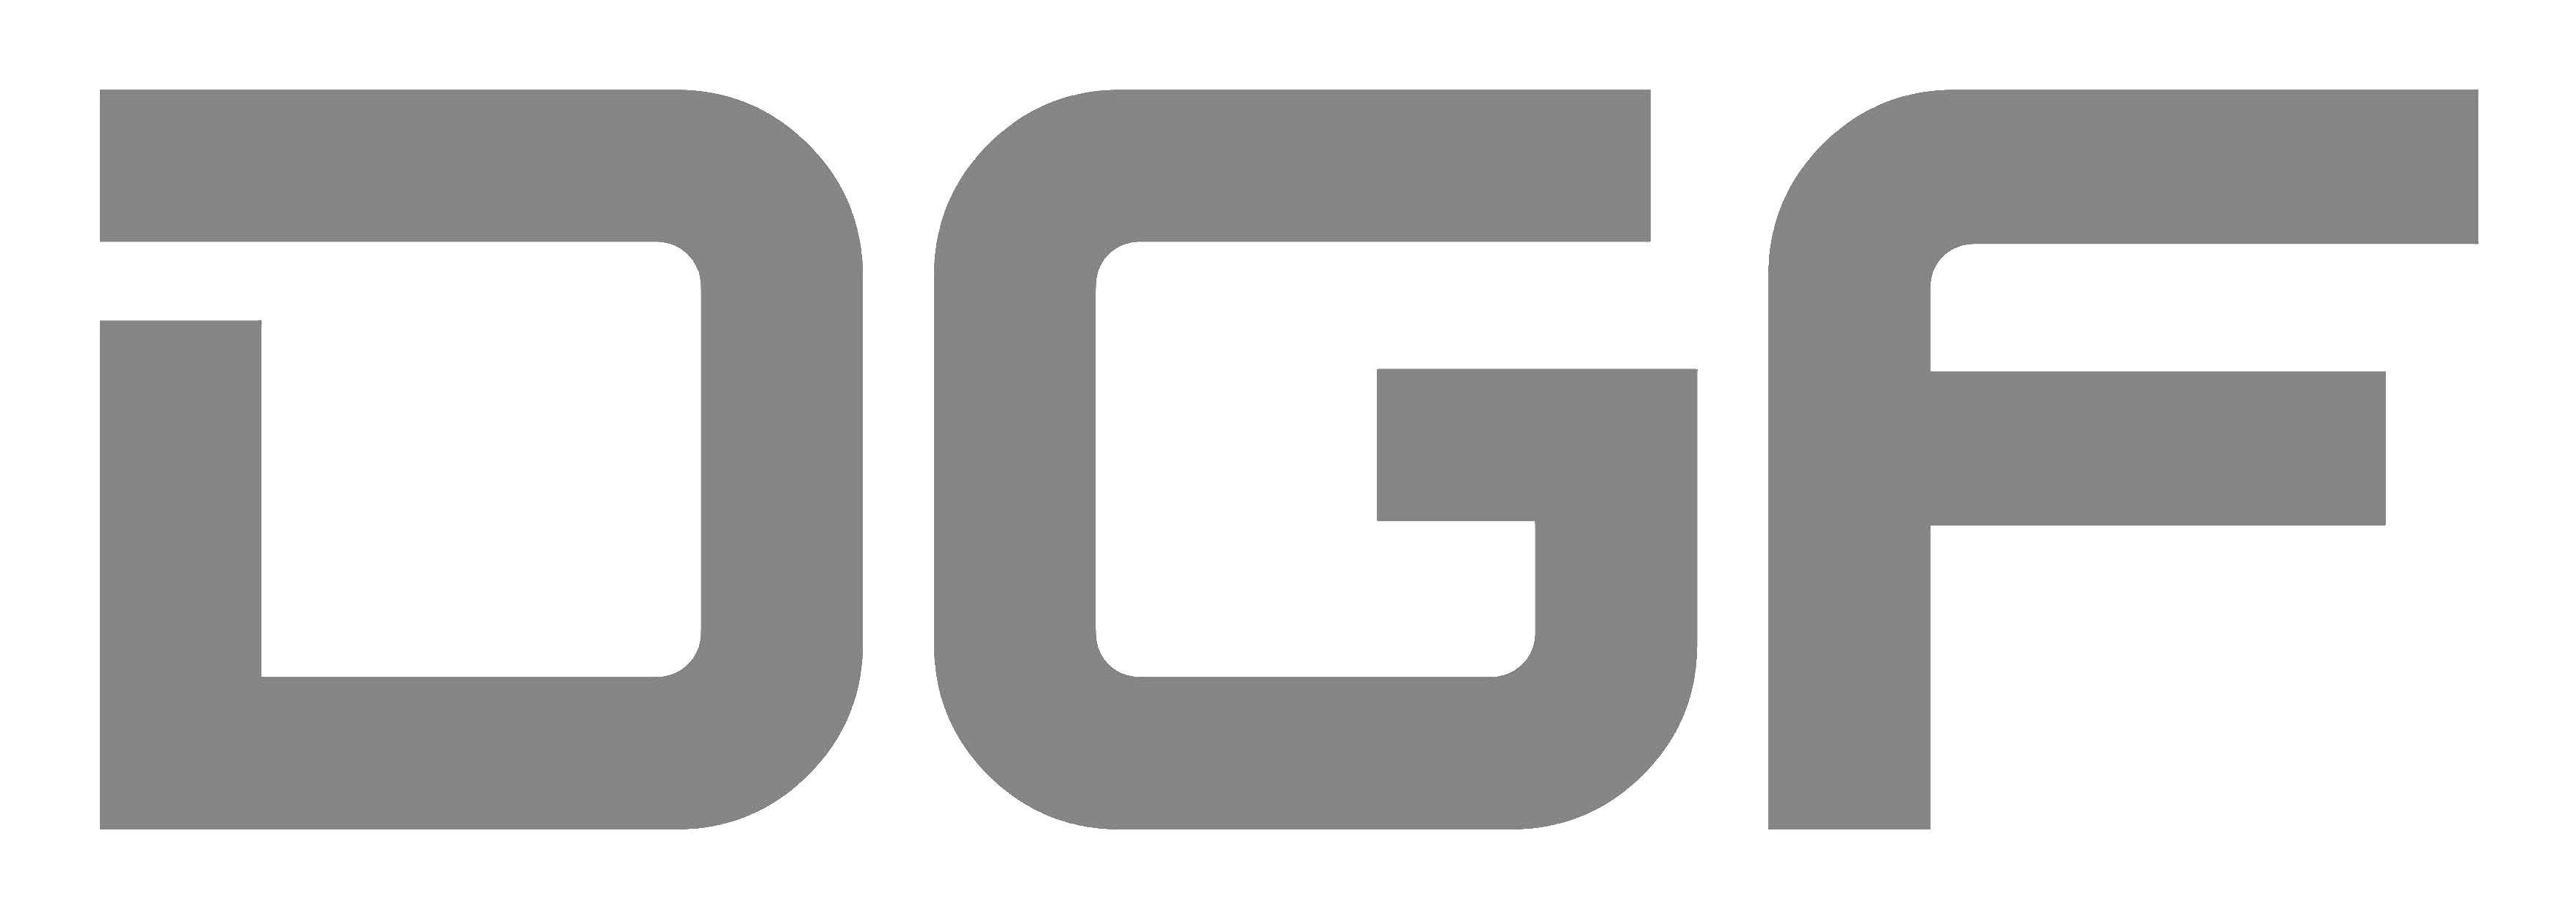 logo_header_converted.png